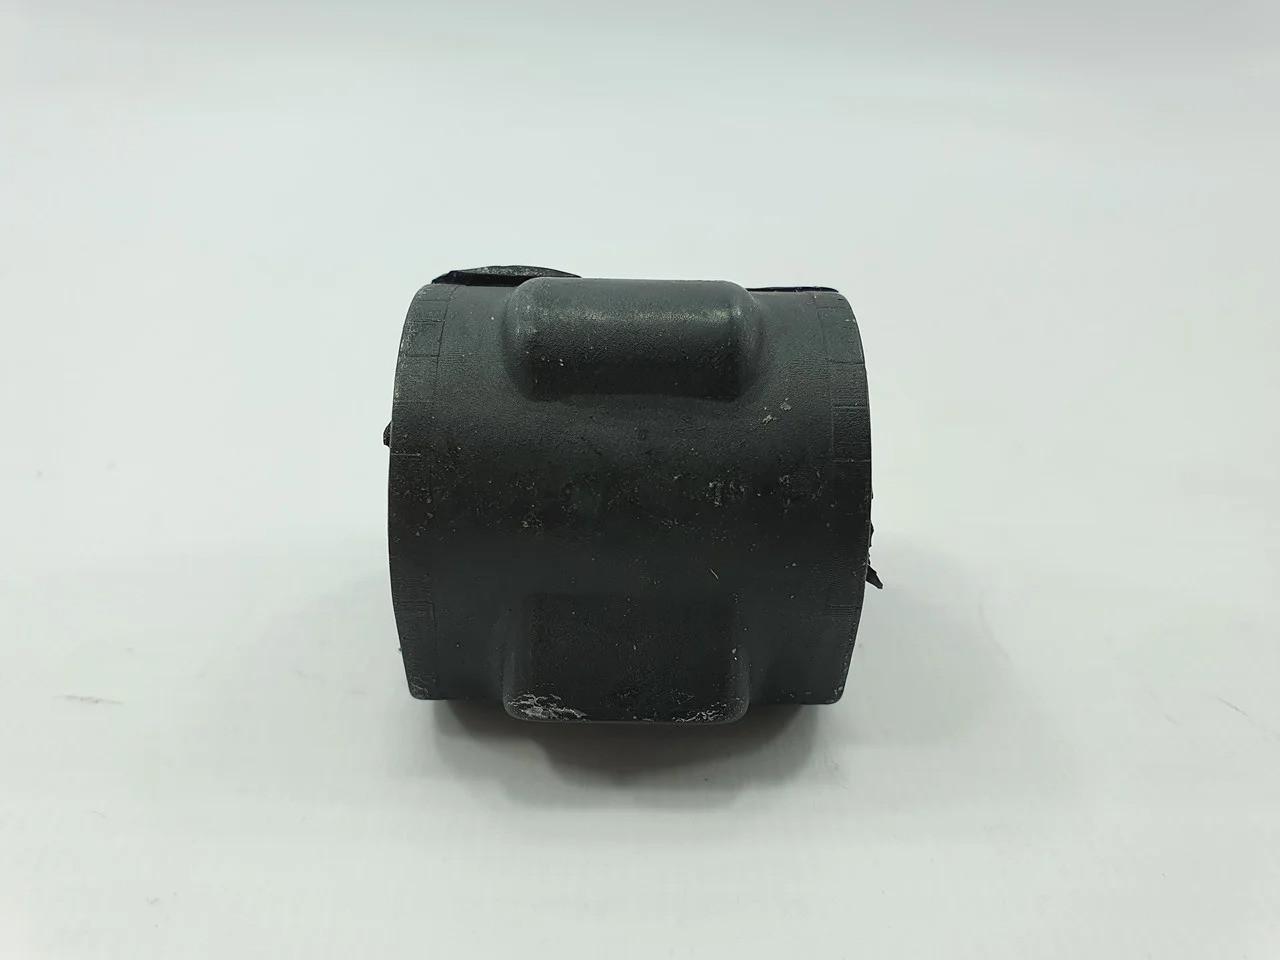 Втулка стабилизатора переднего внутренняя Logan ф1,2, Sandero, Largus grog Корея